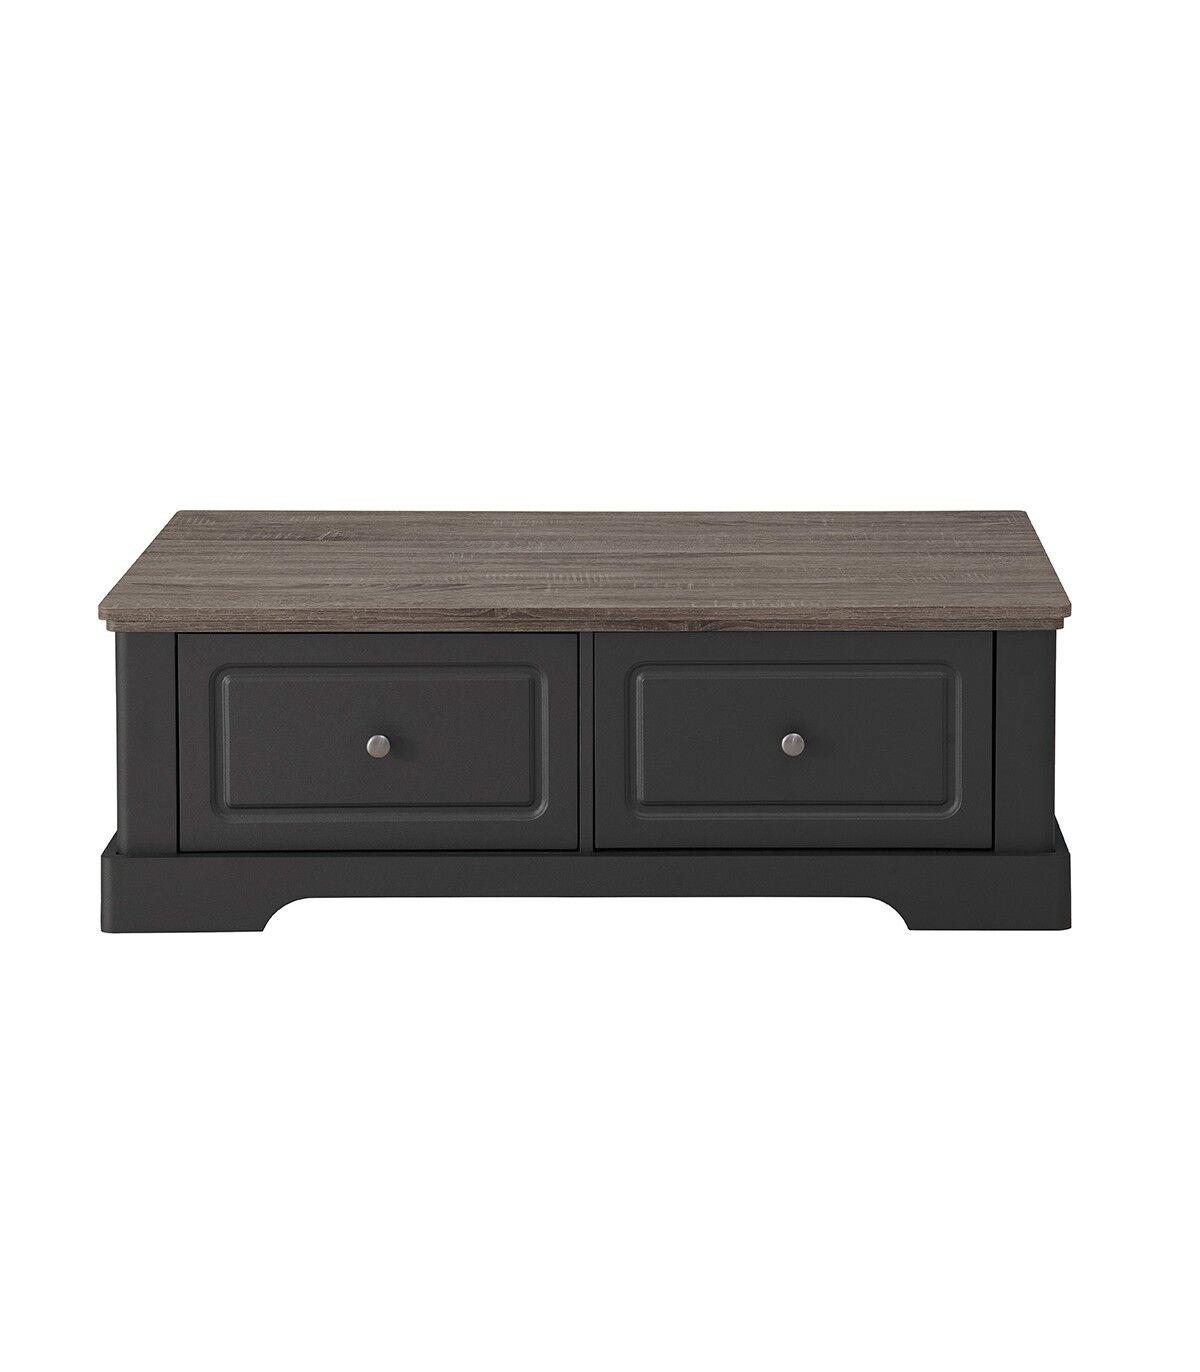 Calicosy Table basse en bois avec 2 grands tiroirs L114,5cm - Taupe